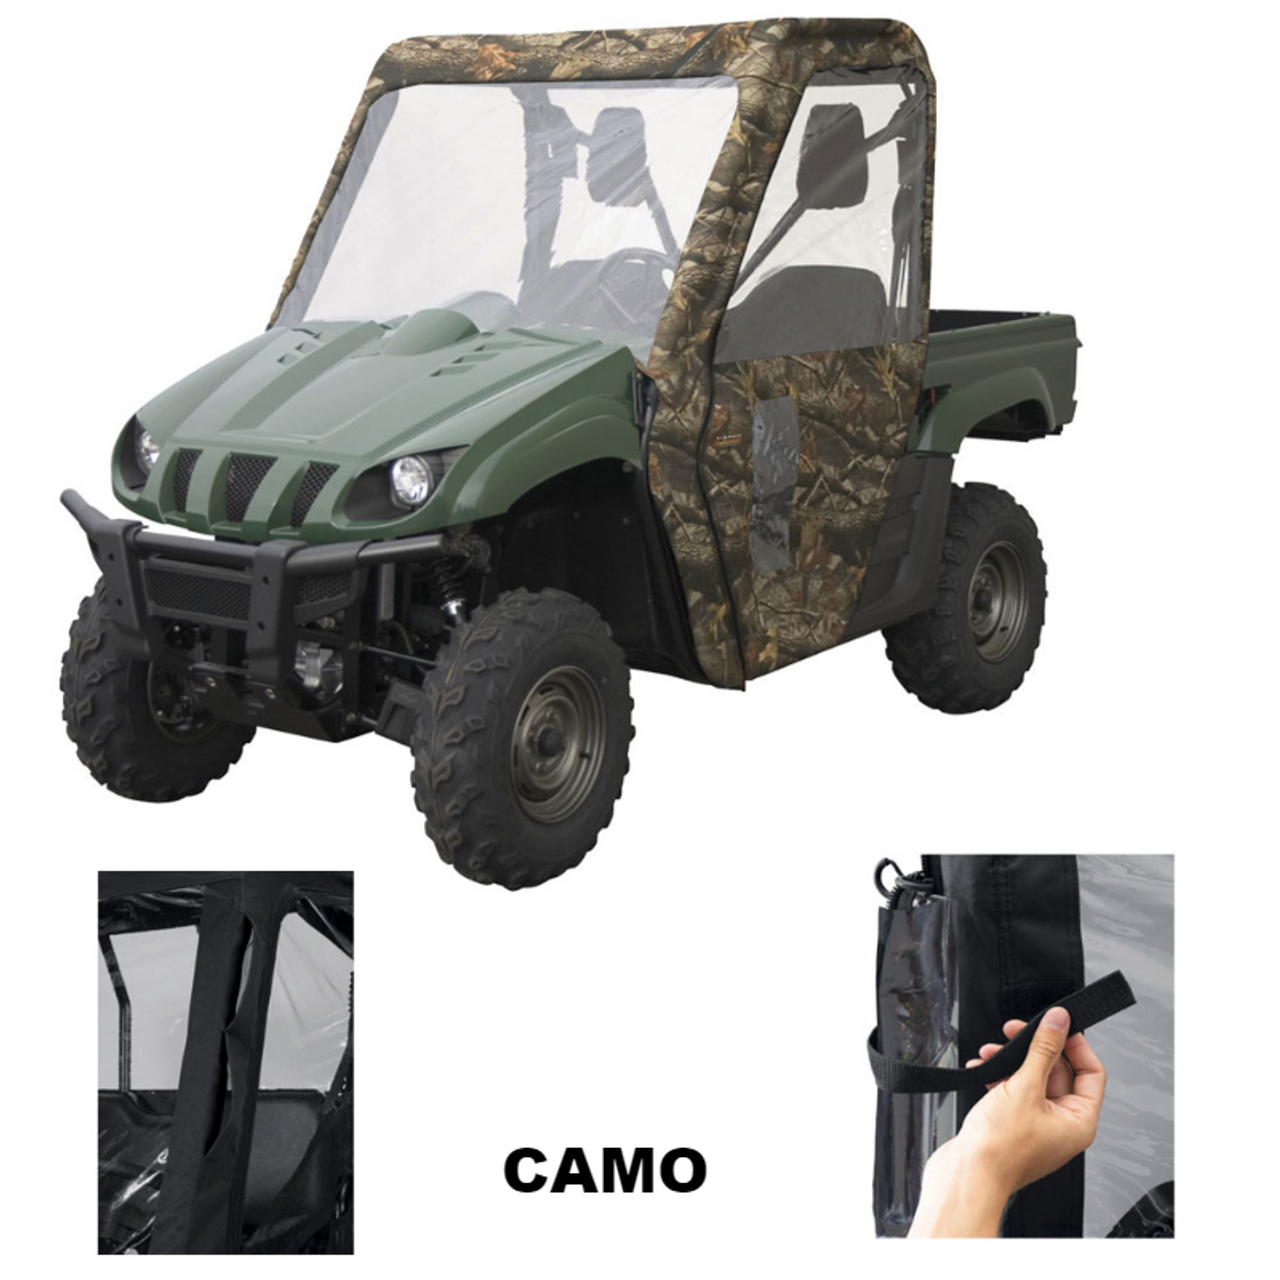 Classic Accessories UTV Cab Enclosure Polaris Ranger 400-800 2012-2014